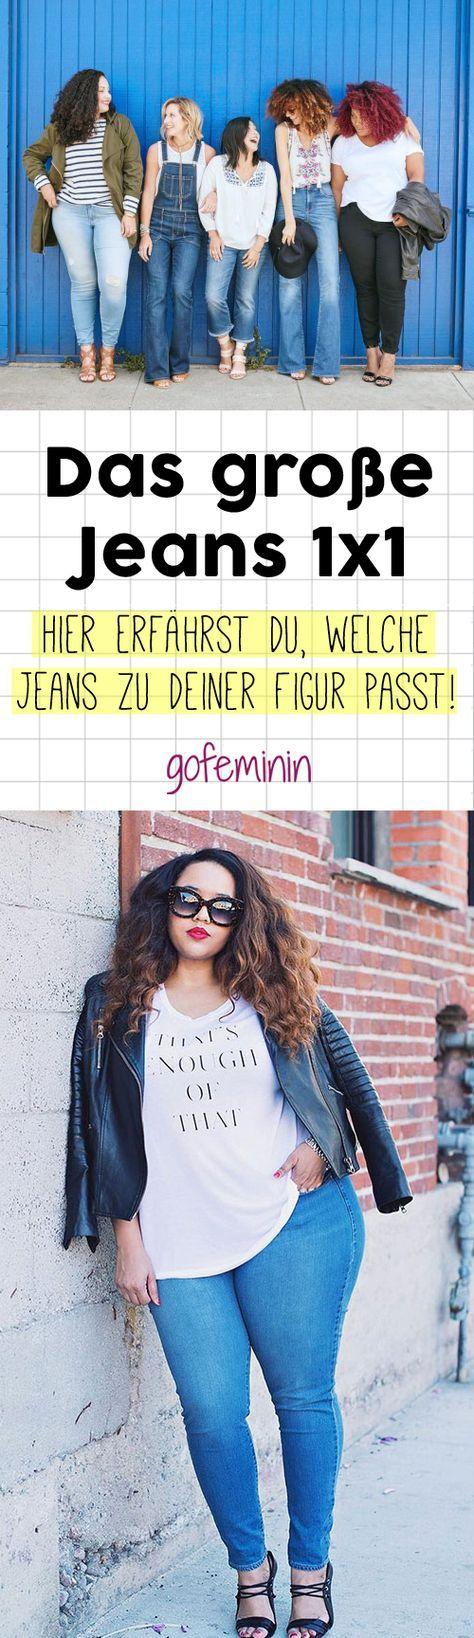 Jeans-Guide: So findet ihr die perfekte Jeans für jede Figur